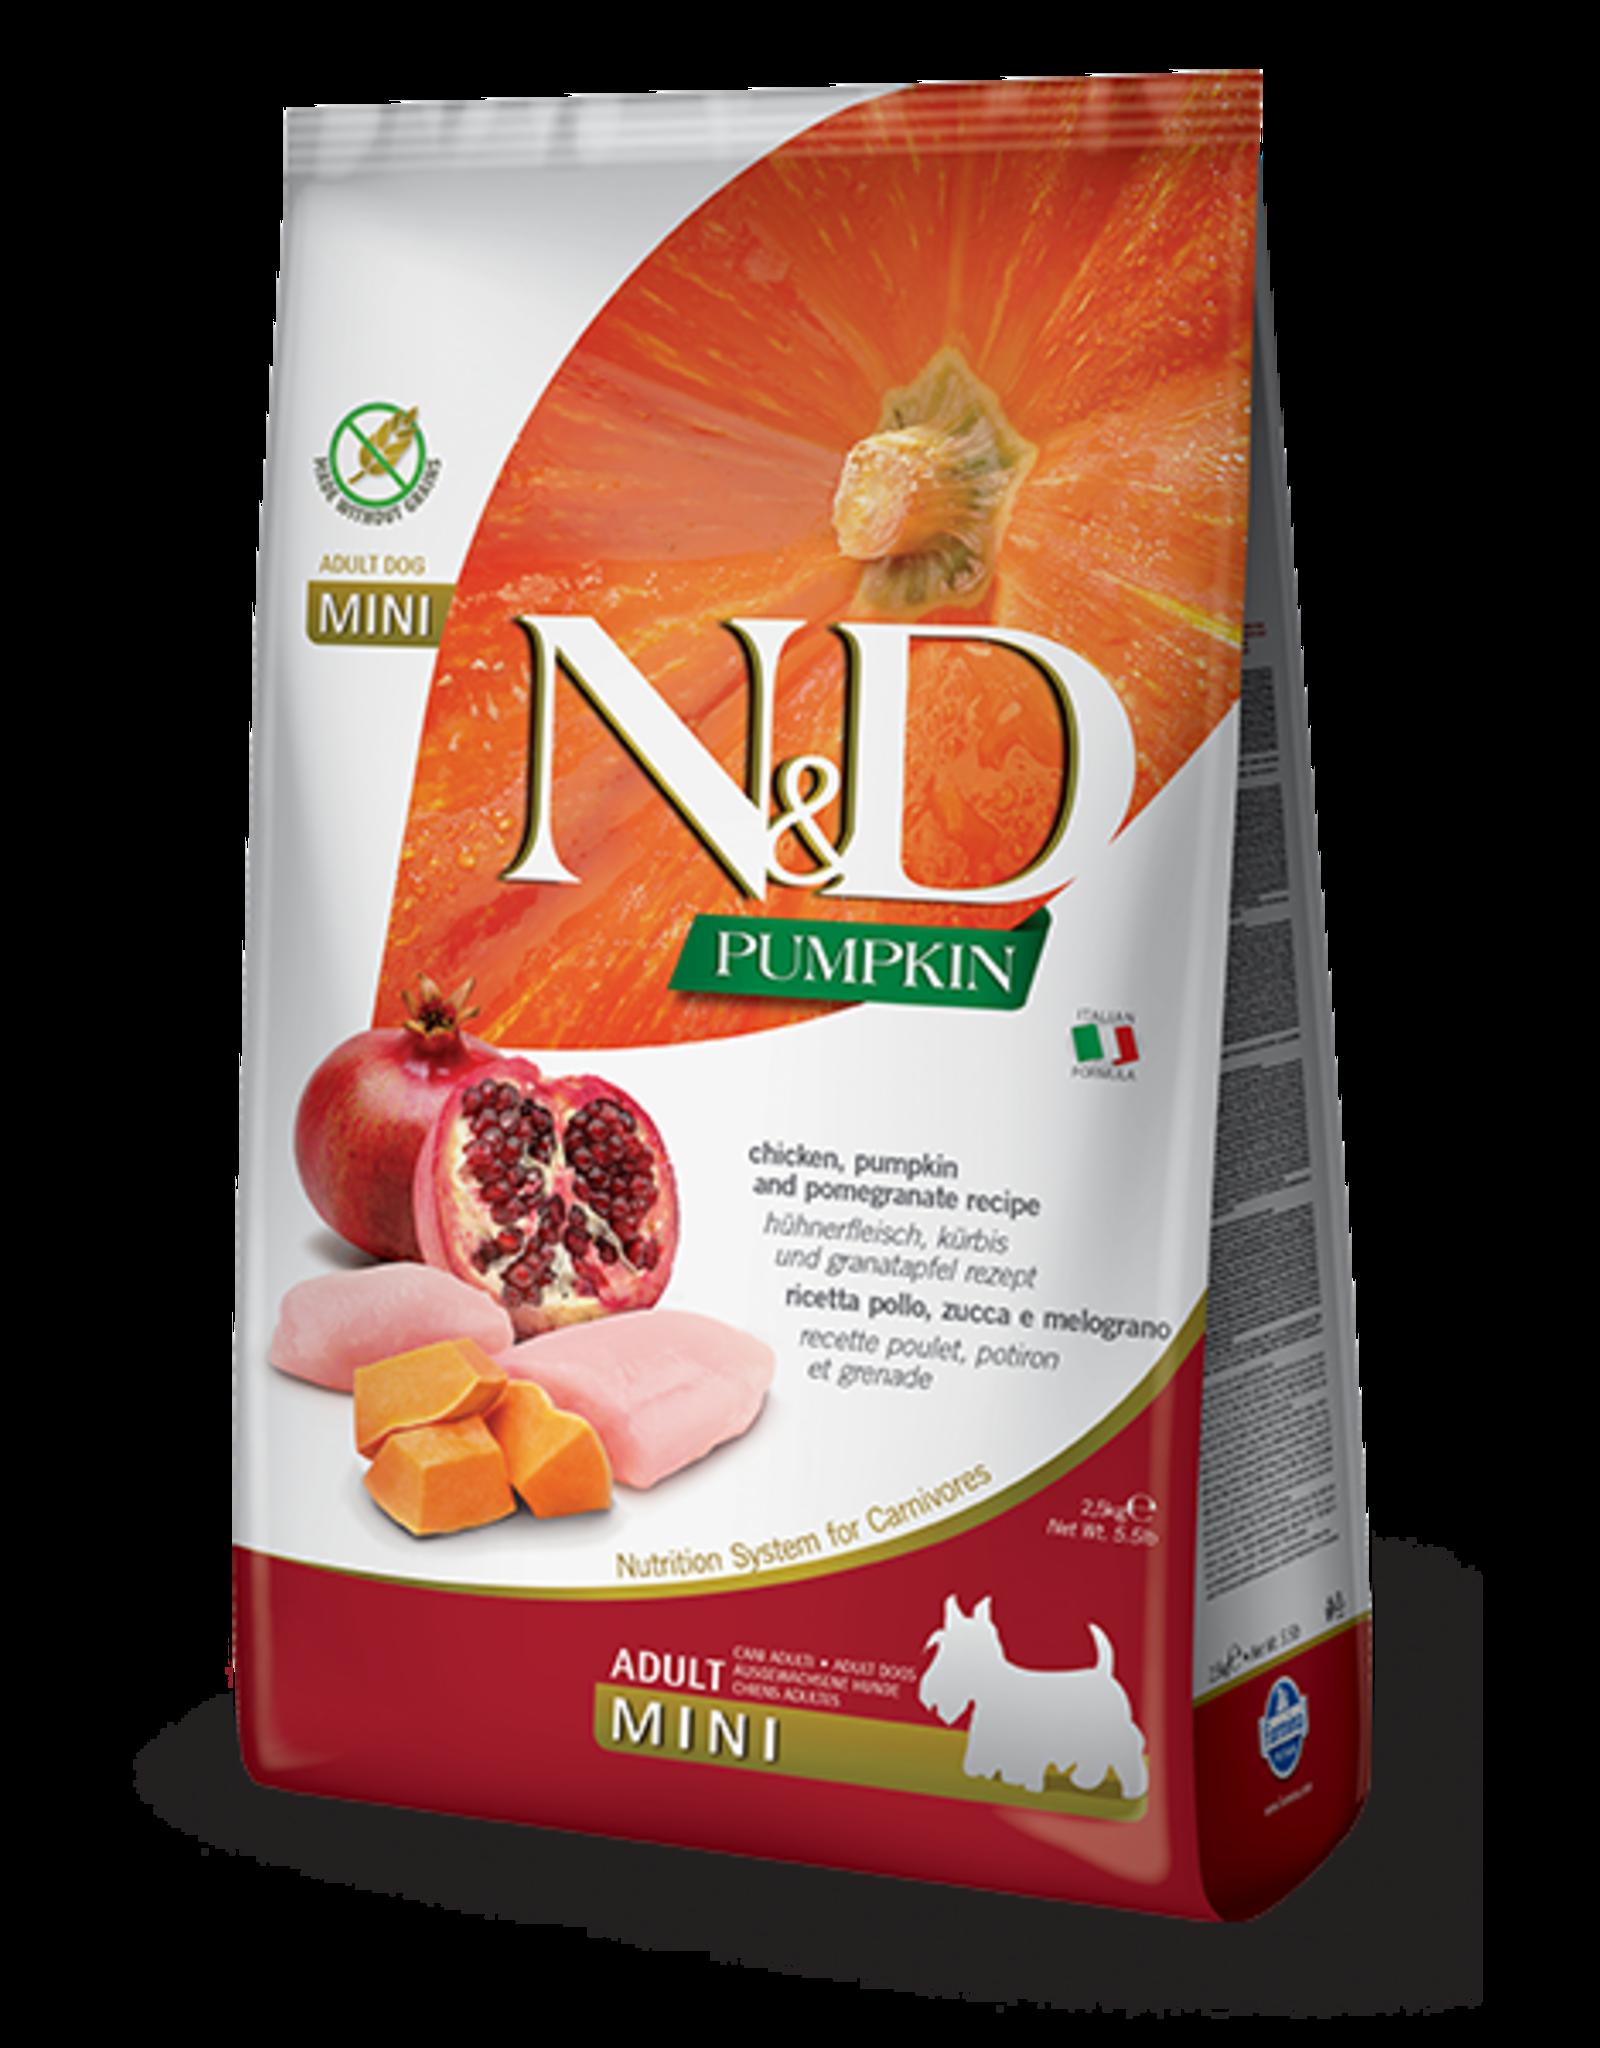 Farmina N&D Dog - Pumpkin & Chicken Adult Mini 5.5lb